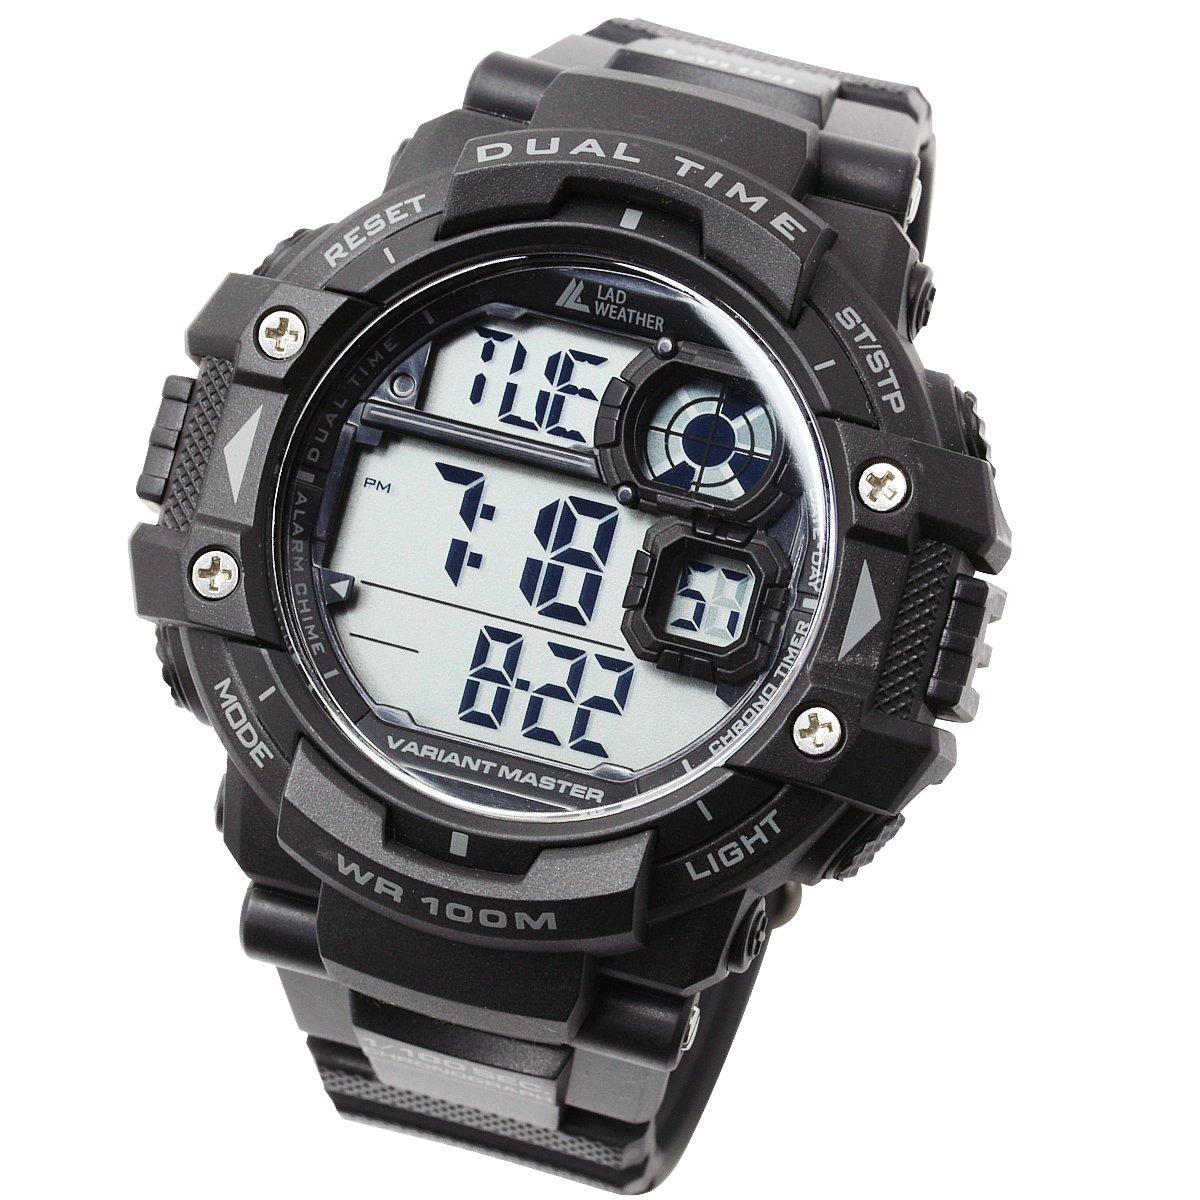 LAD WEATHER Exteriores Reloj Militar Cronómetro Marcador de Pasos Camuflaje Resistente al Agua 100 m product